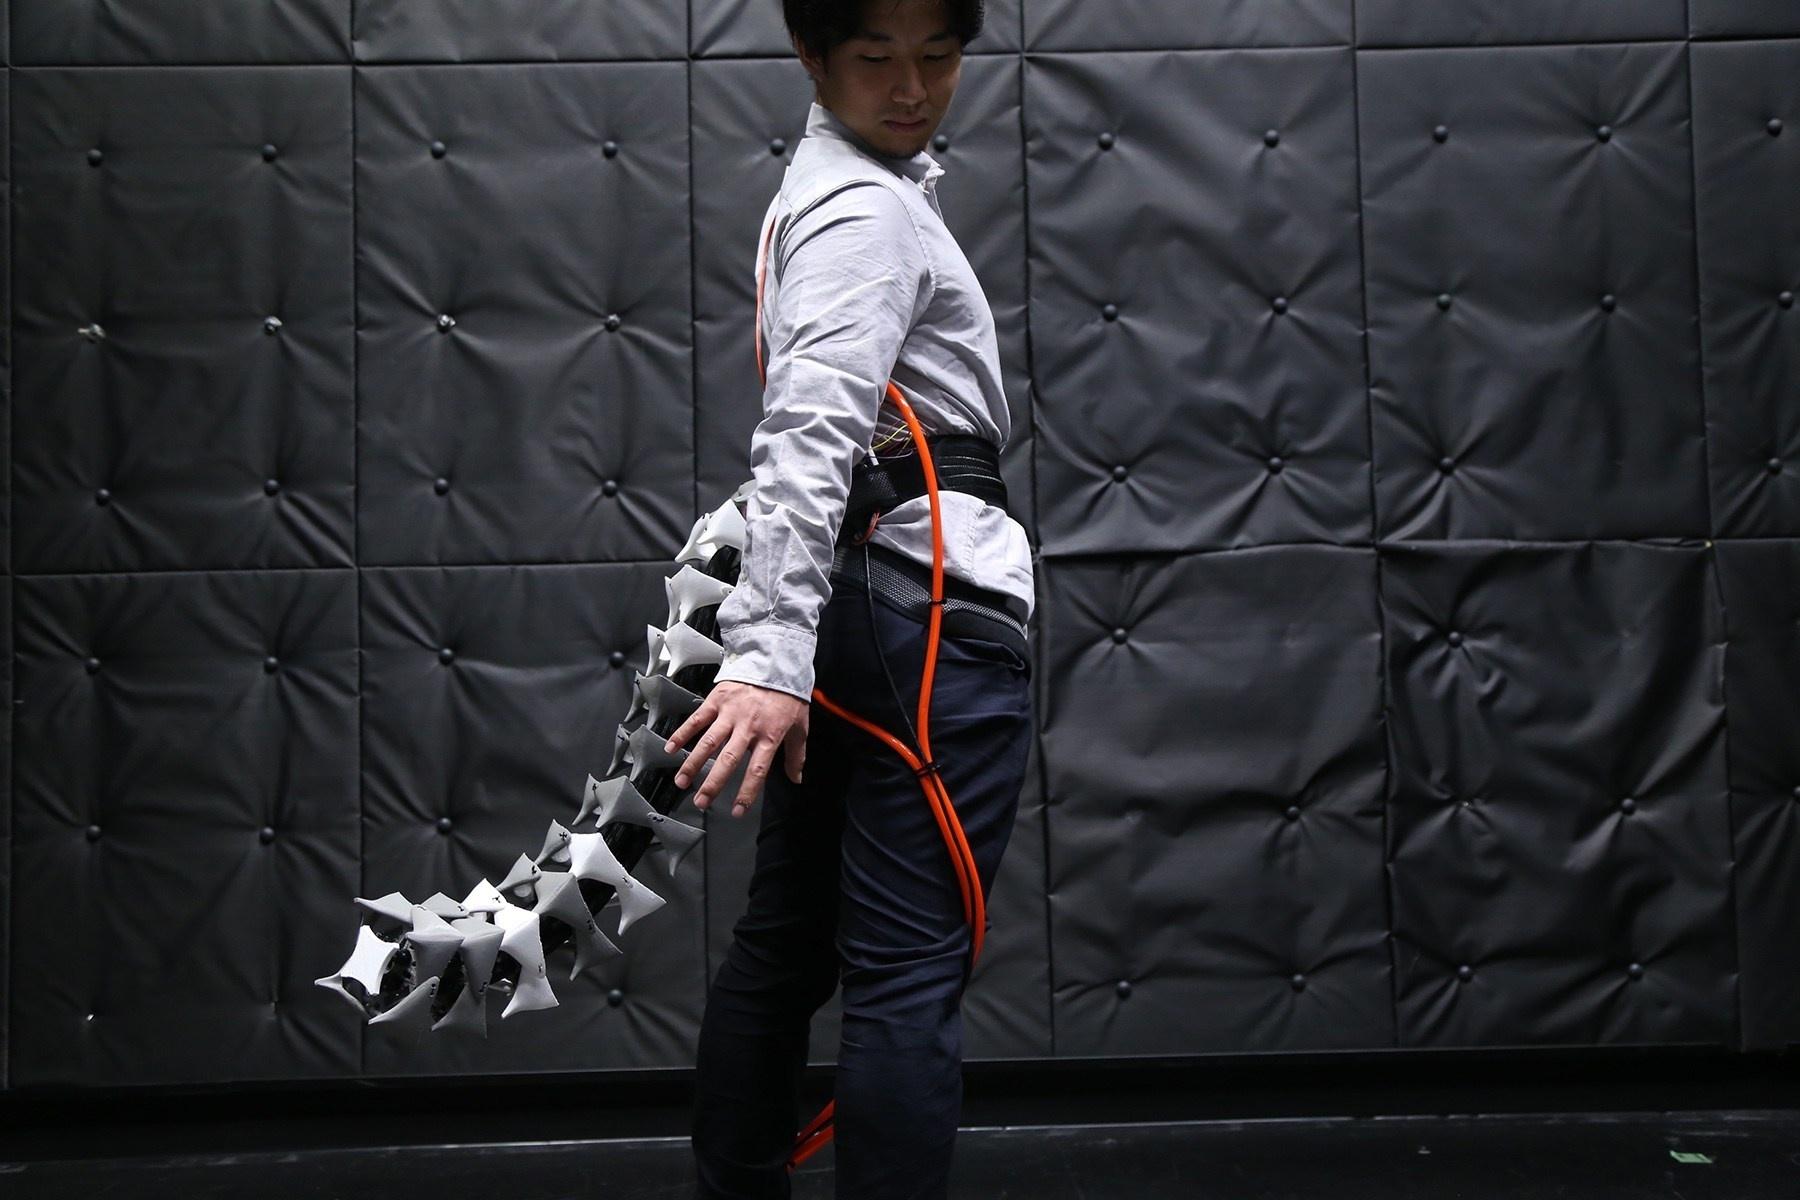 Vďaka robotickému chvostu Arque budete možno rovnako vrtkí ako mačka